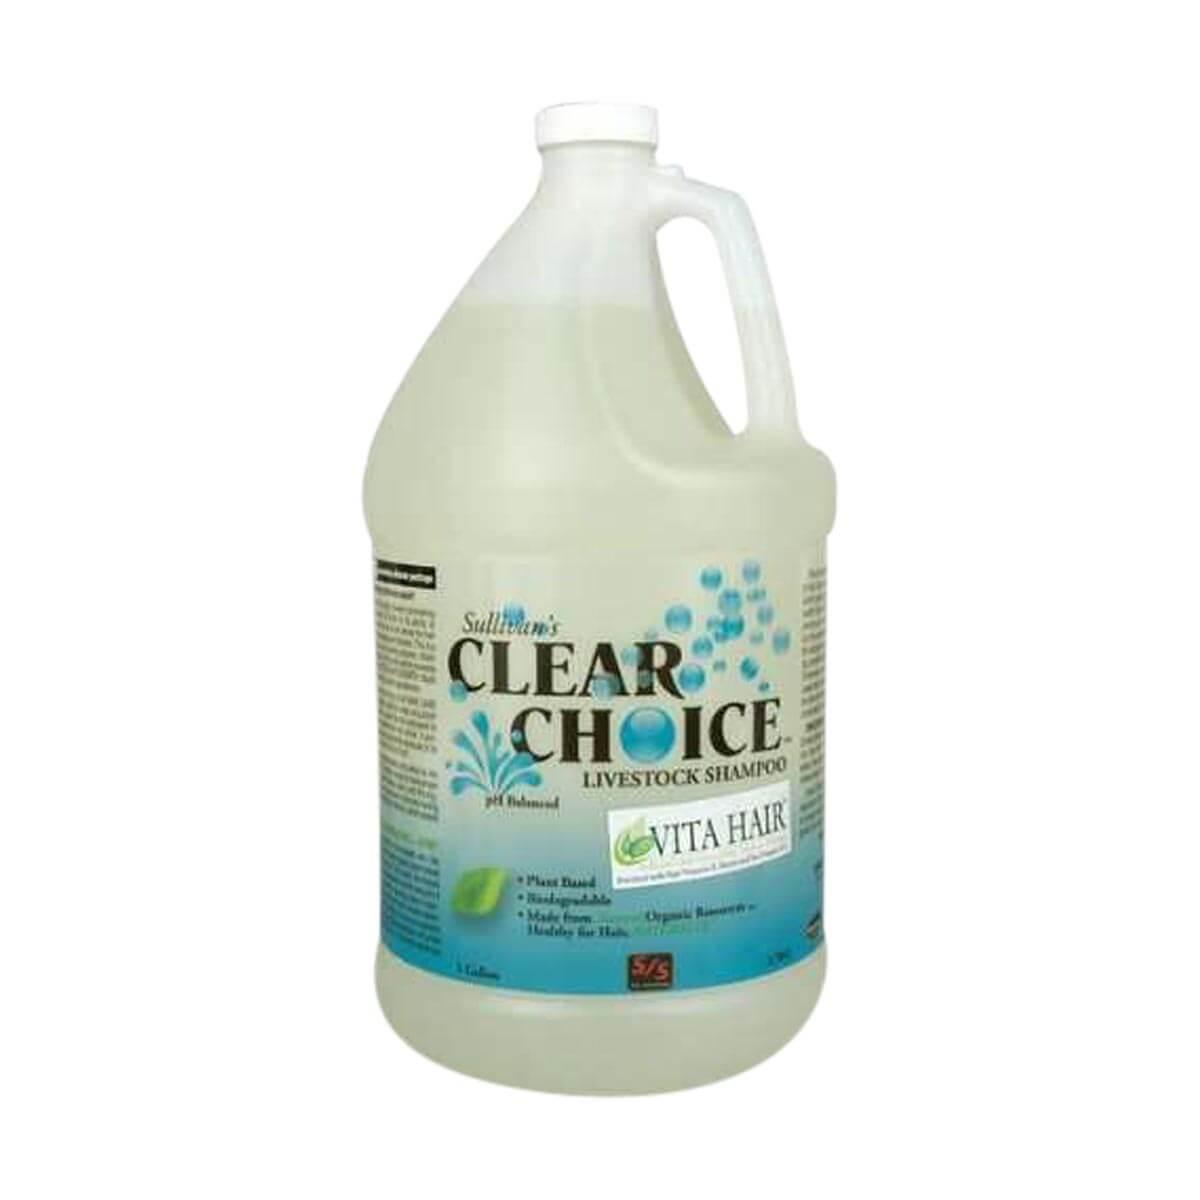 Clear Choice Shampoo - 1 gallon